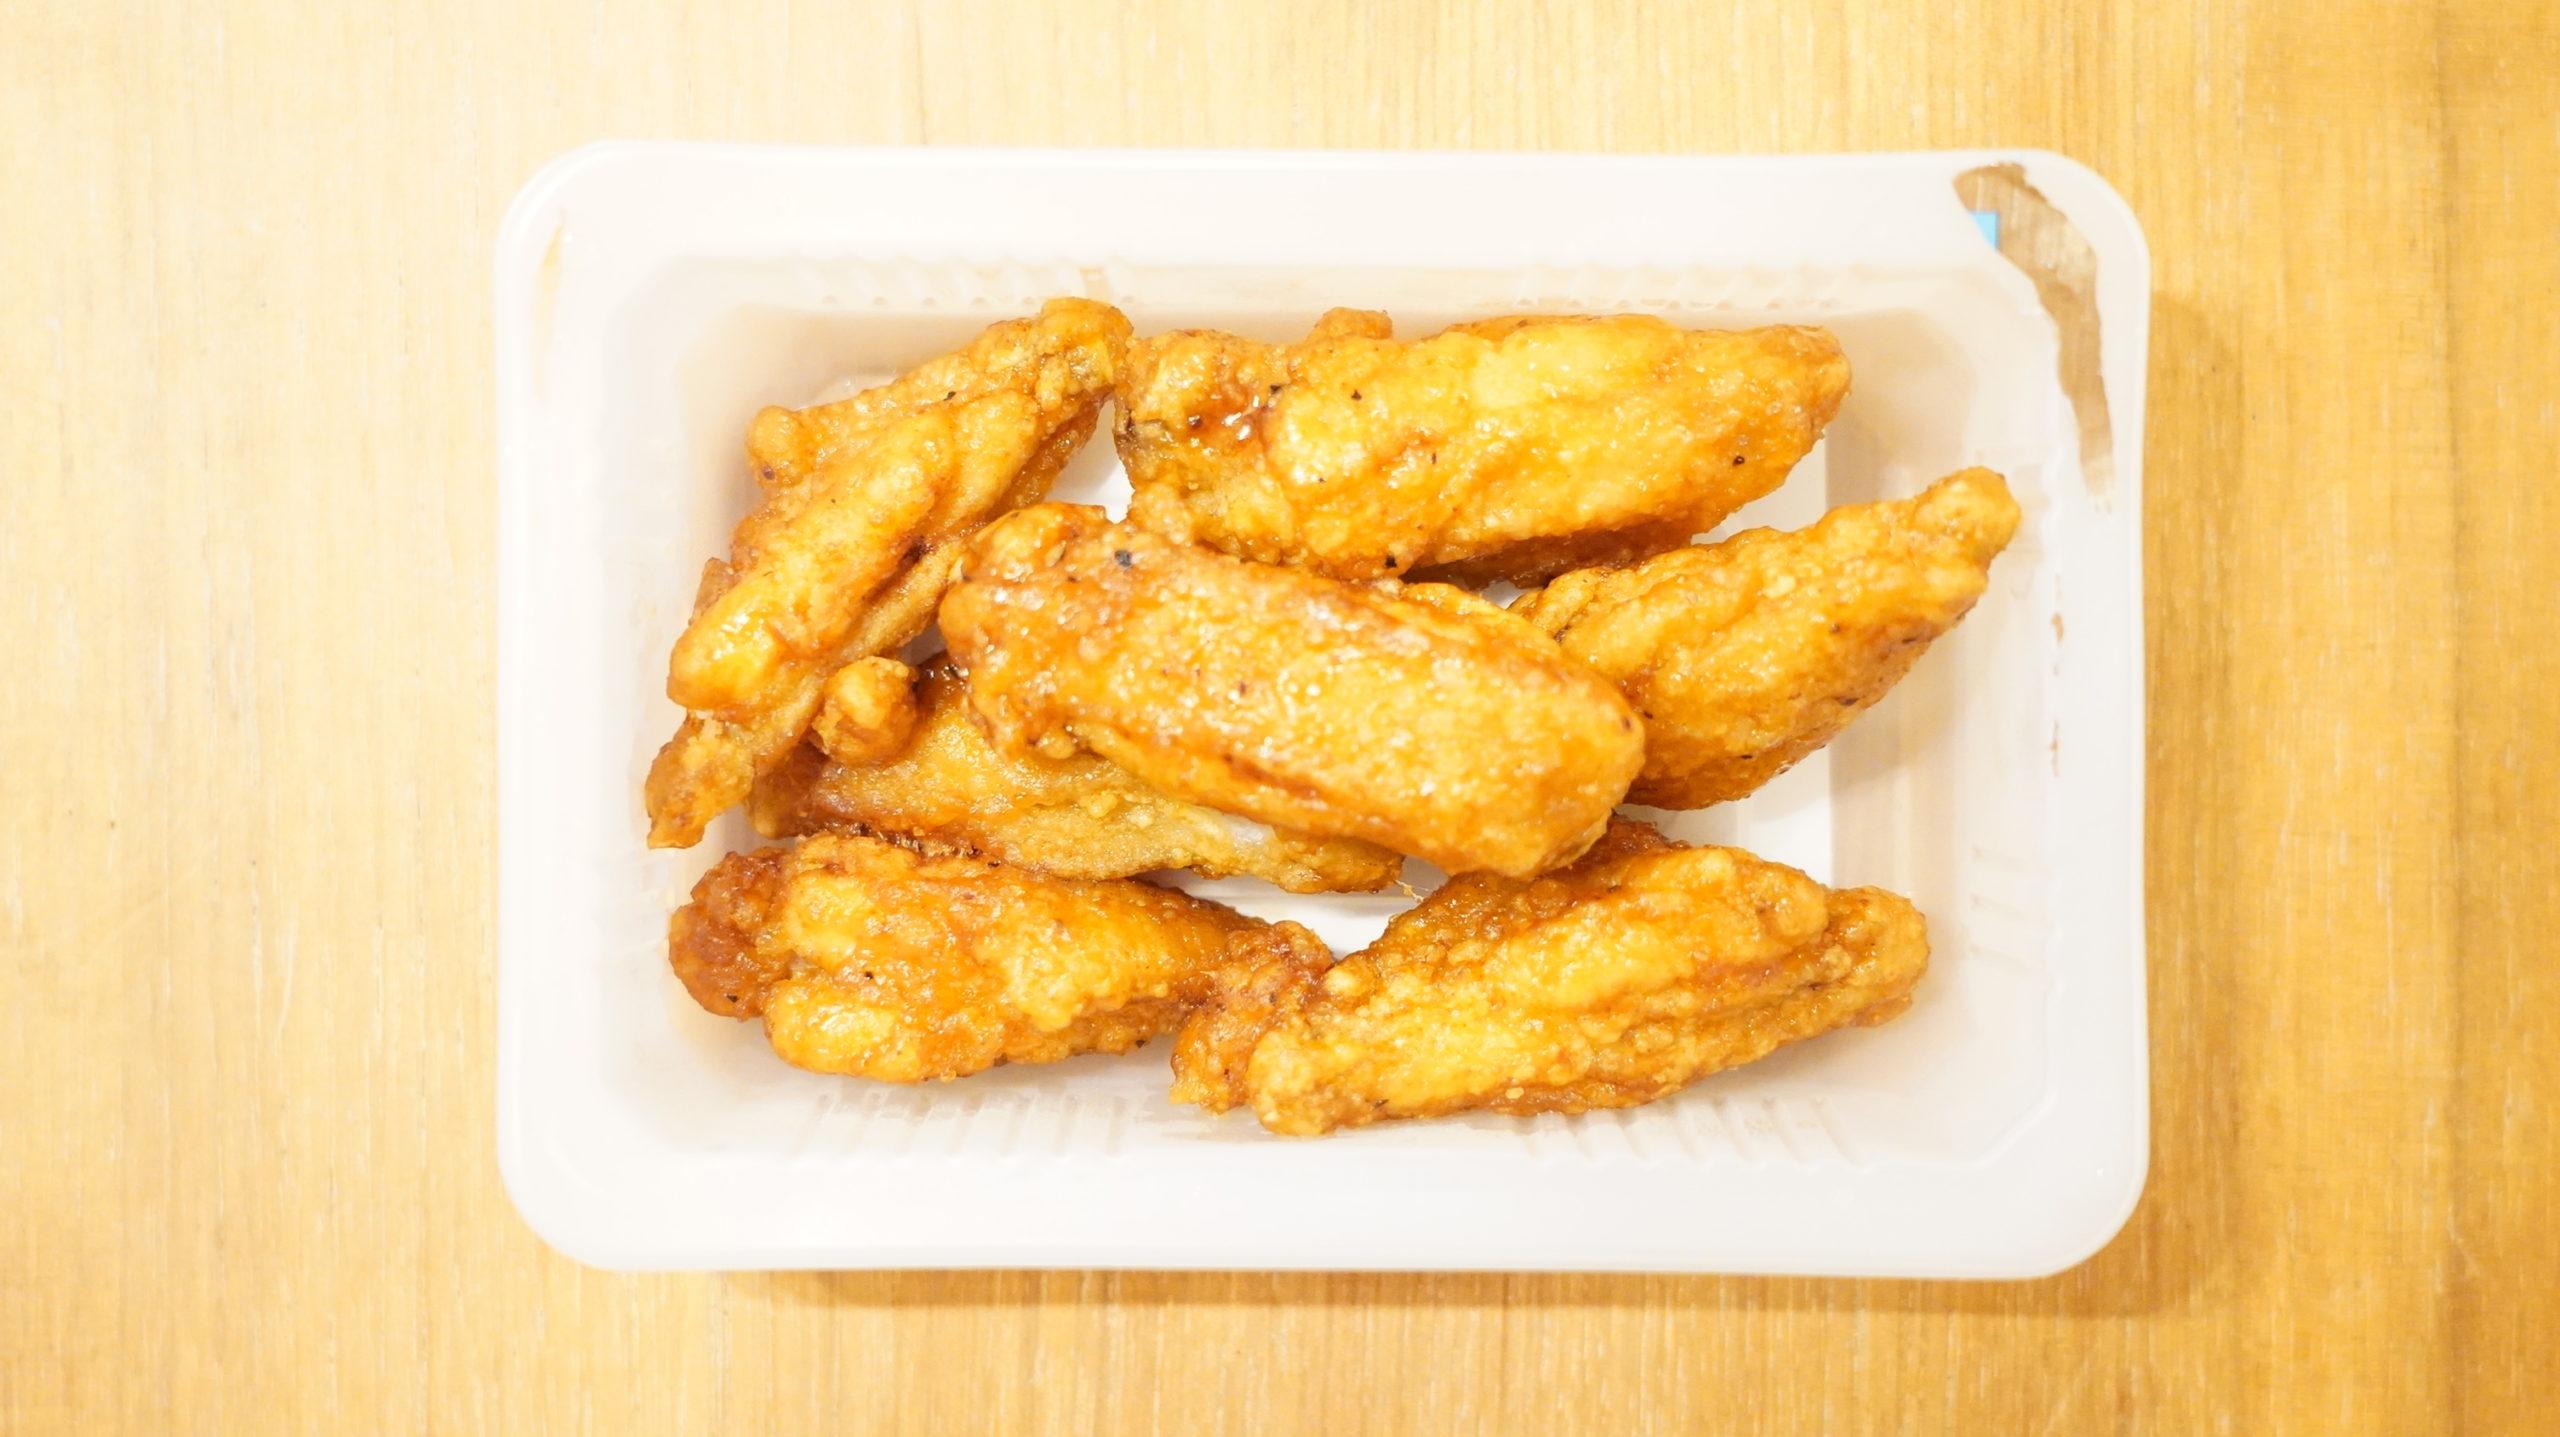 セブンイレブンの冷凍食品「おかずやおつまみに・手羽中唐揚げ」の手羽中の写真